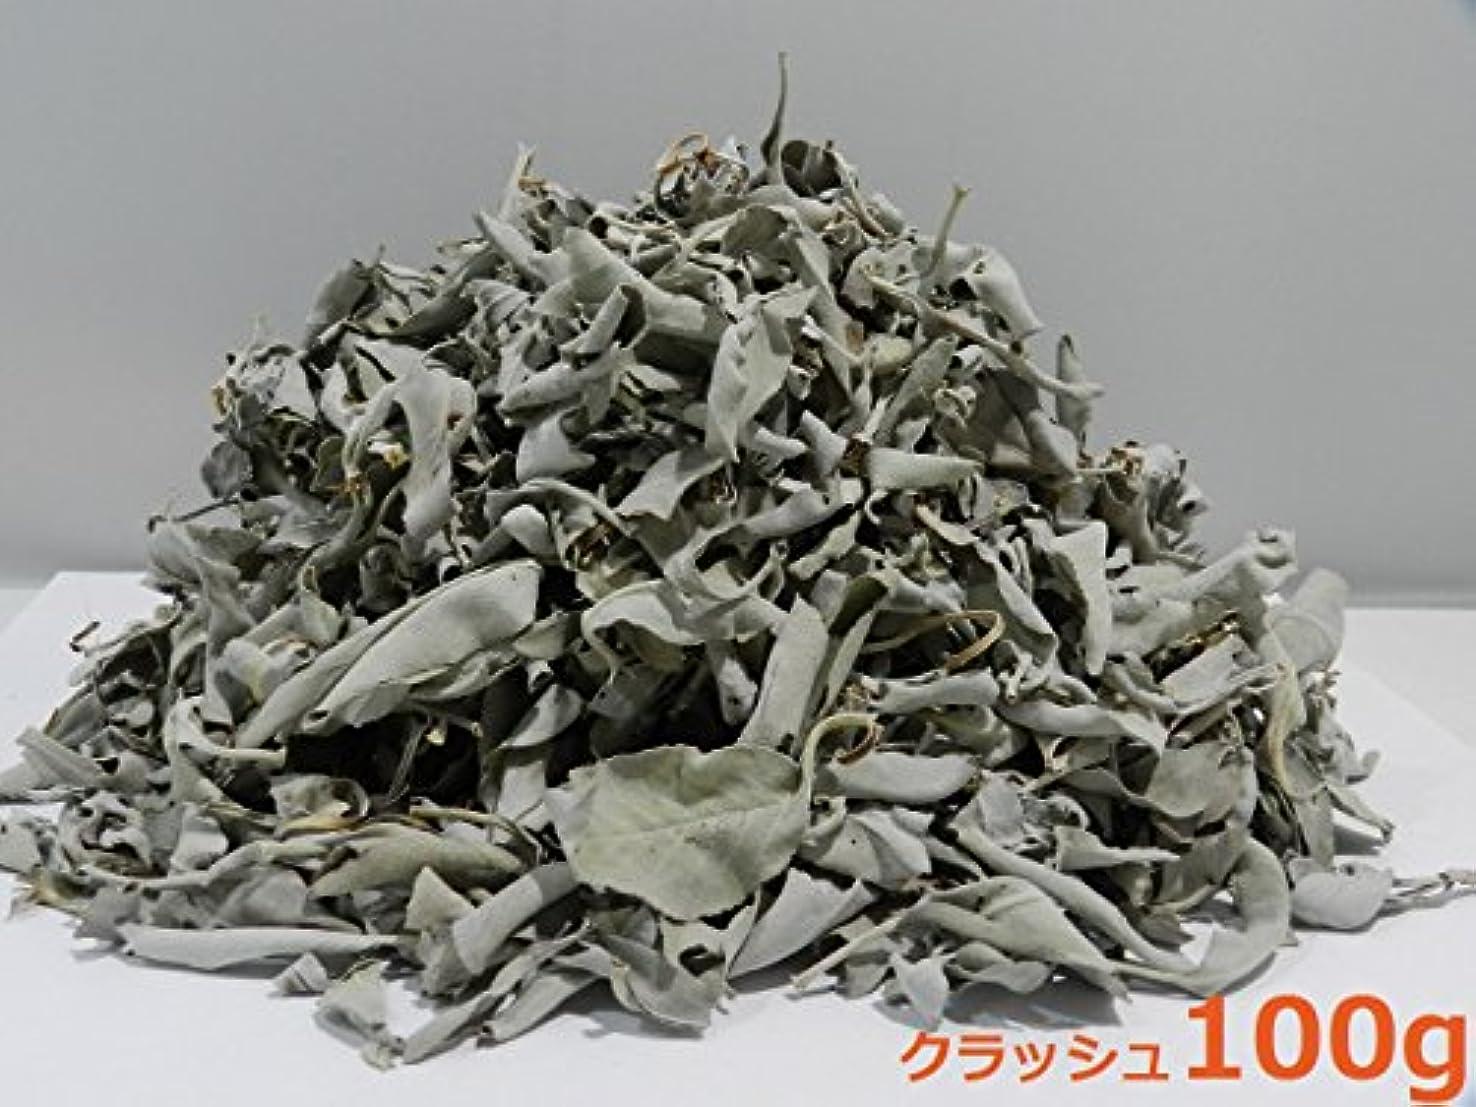 悲惨ファンシー失礼カリフォルニア産 浄化用 ホワイトセージ /White Sage クラッシュ 100g☆海外輸入品